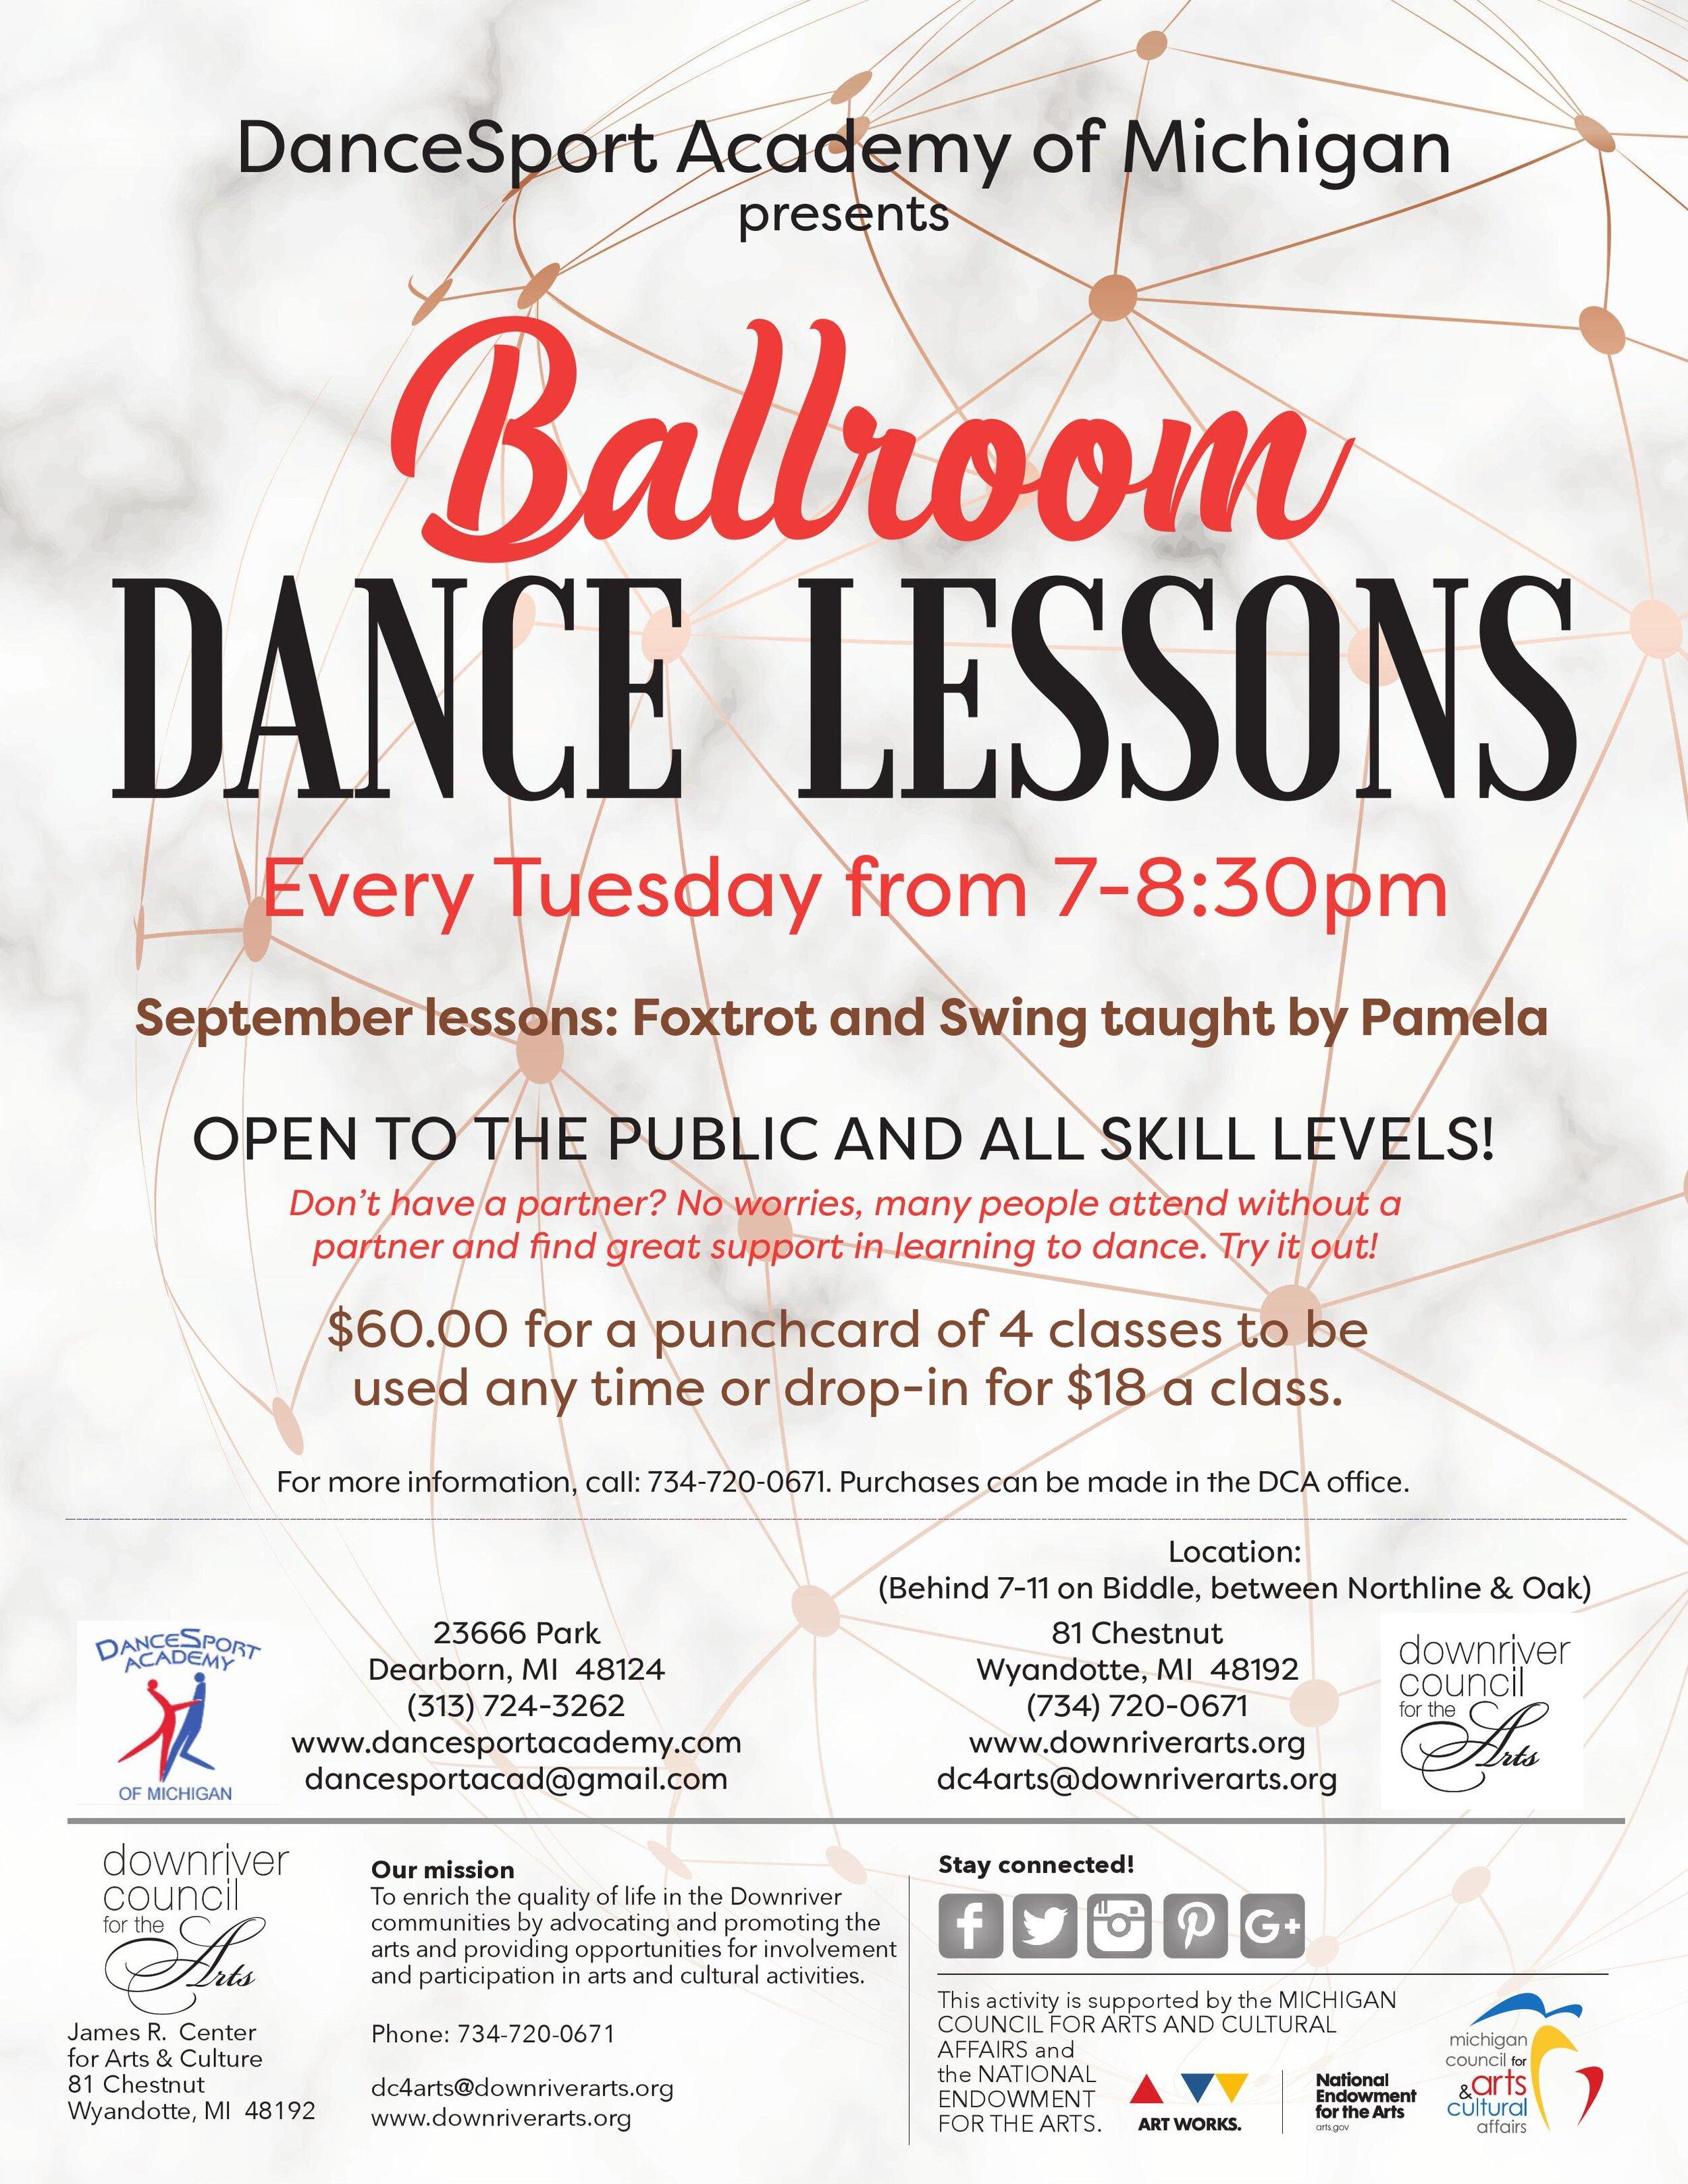 Sept 19 DanceLessons_00001.jpg